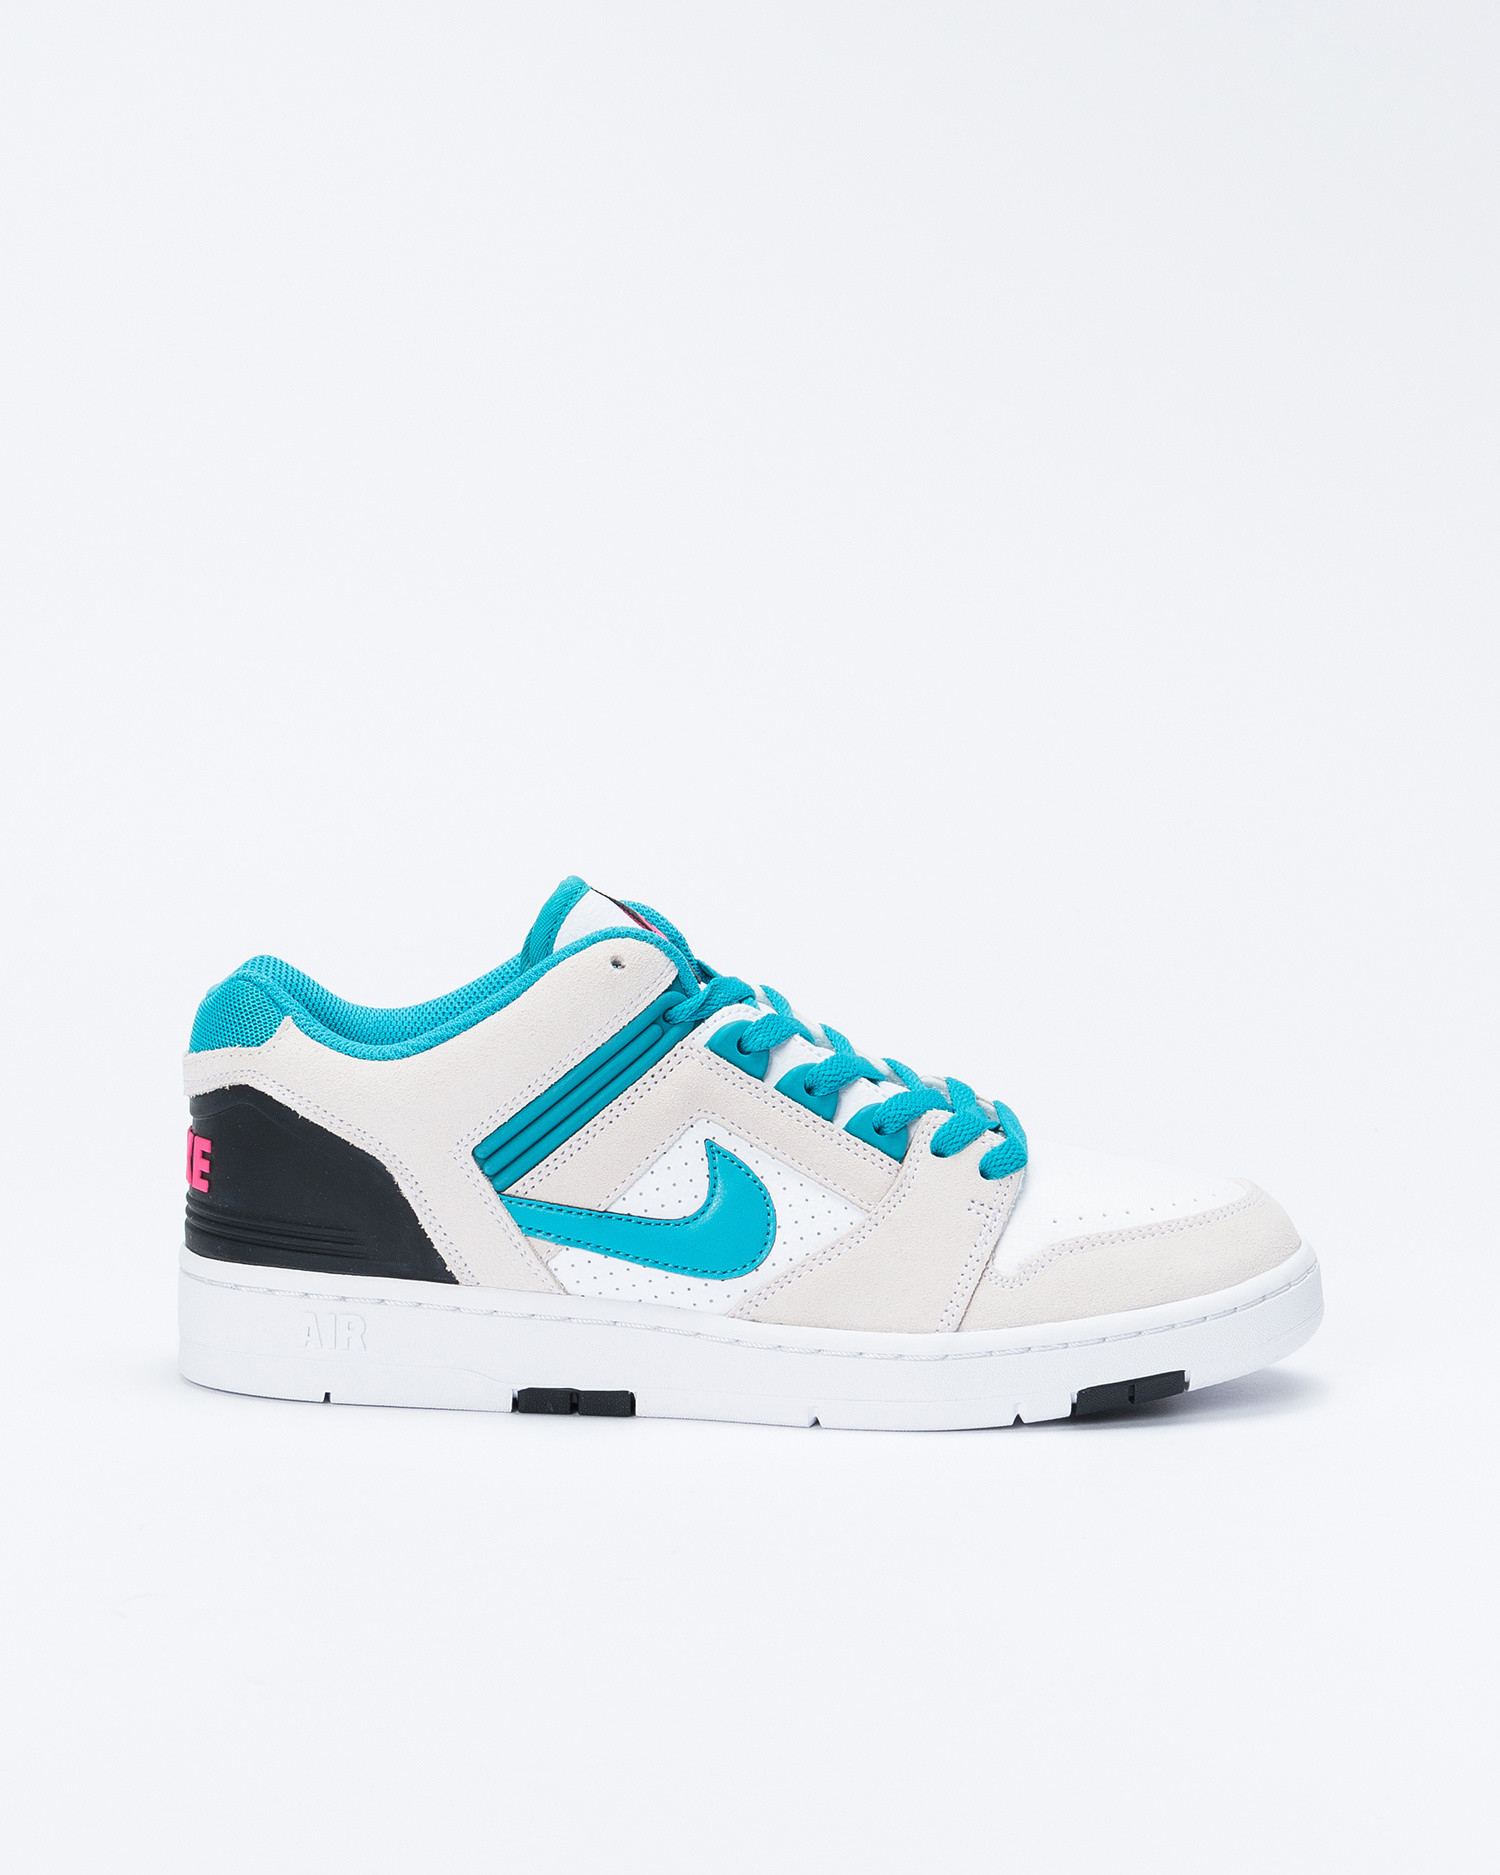 Nike SB Air Force II White/Teal Nebula/Black/Pink flash